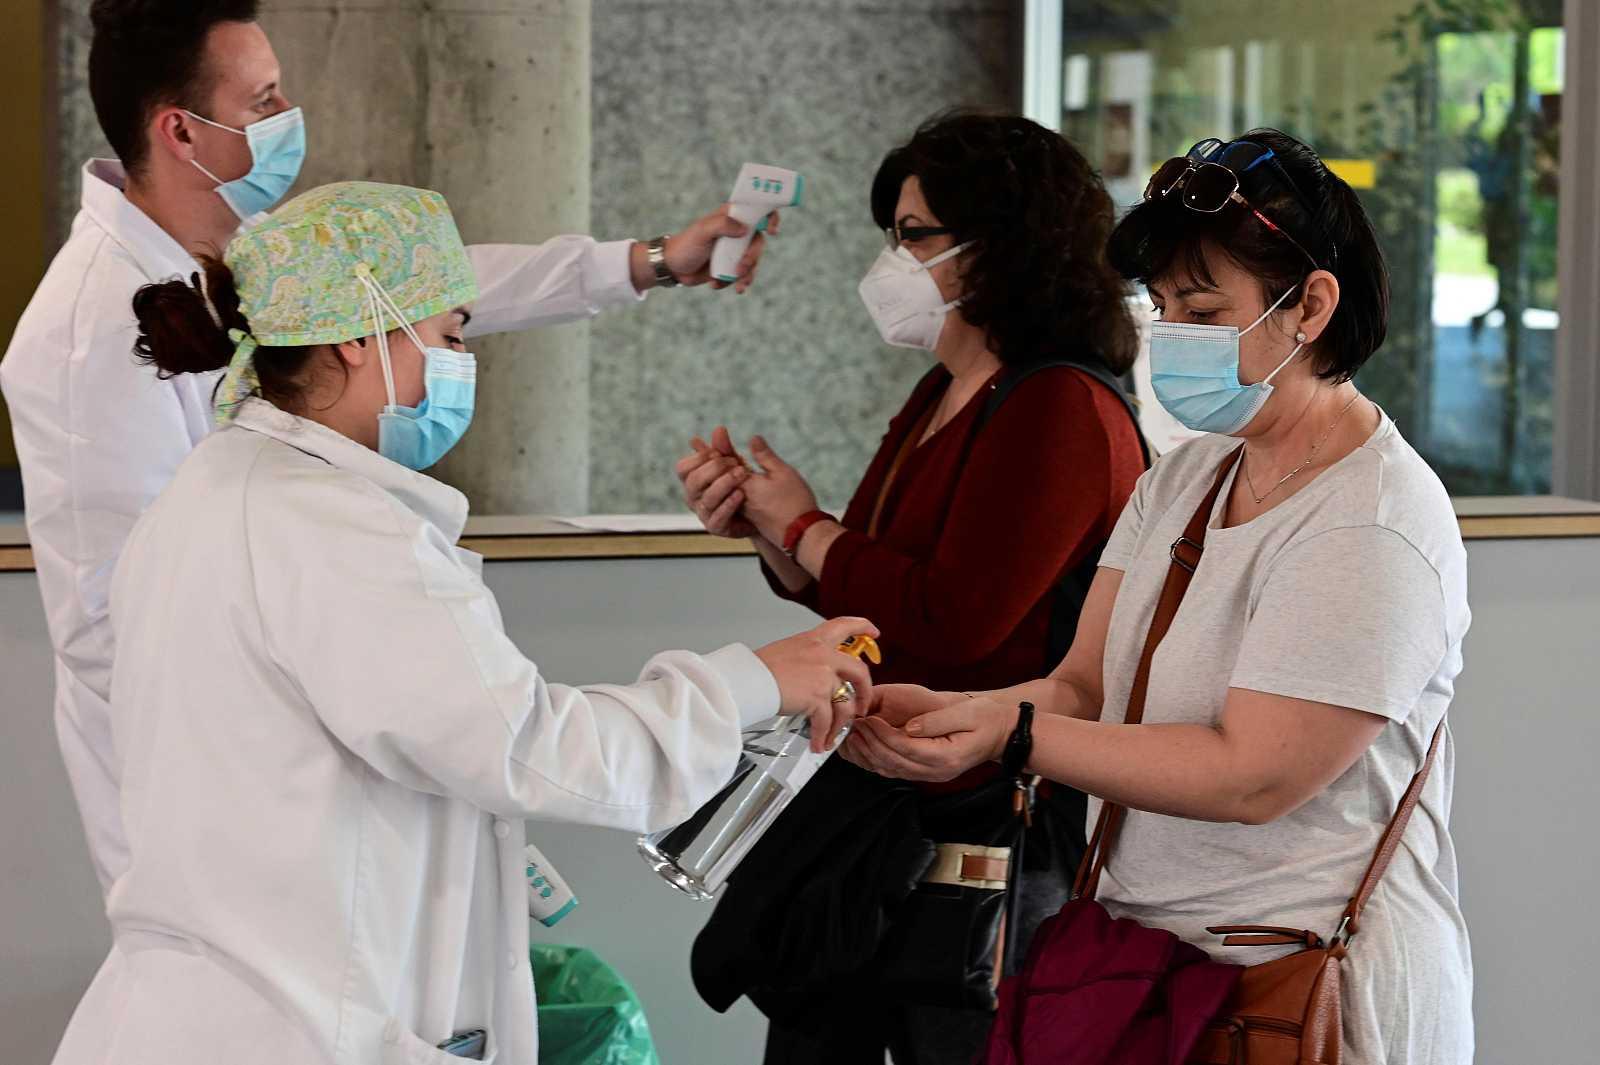 Sanitarios toman la temperatura a todo aquel que accede al Hospital de Alcorcón en Madrid